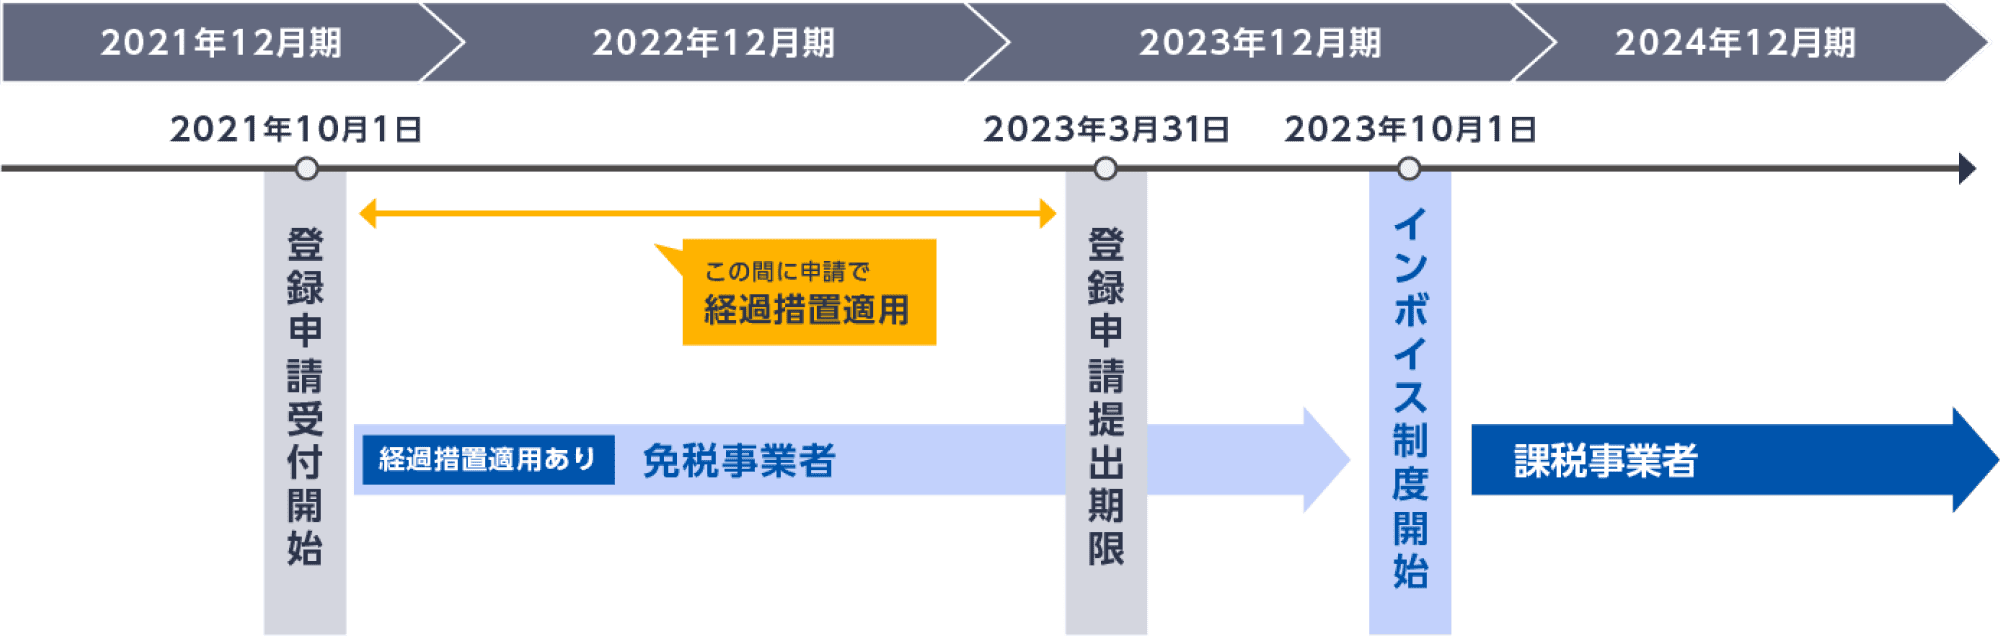 図: 免税事業者への経過措置